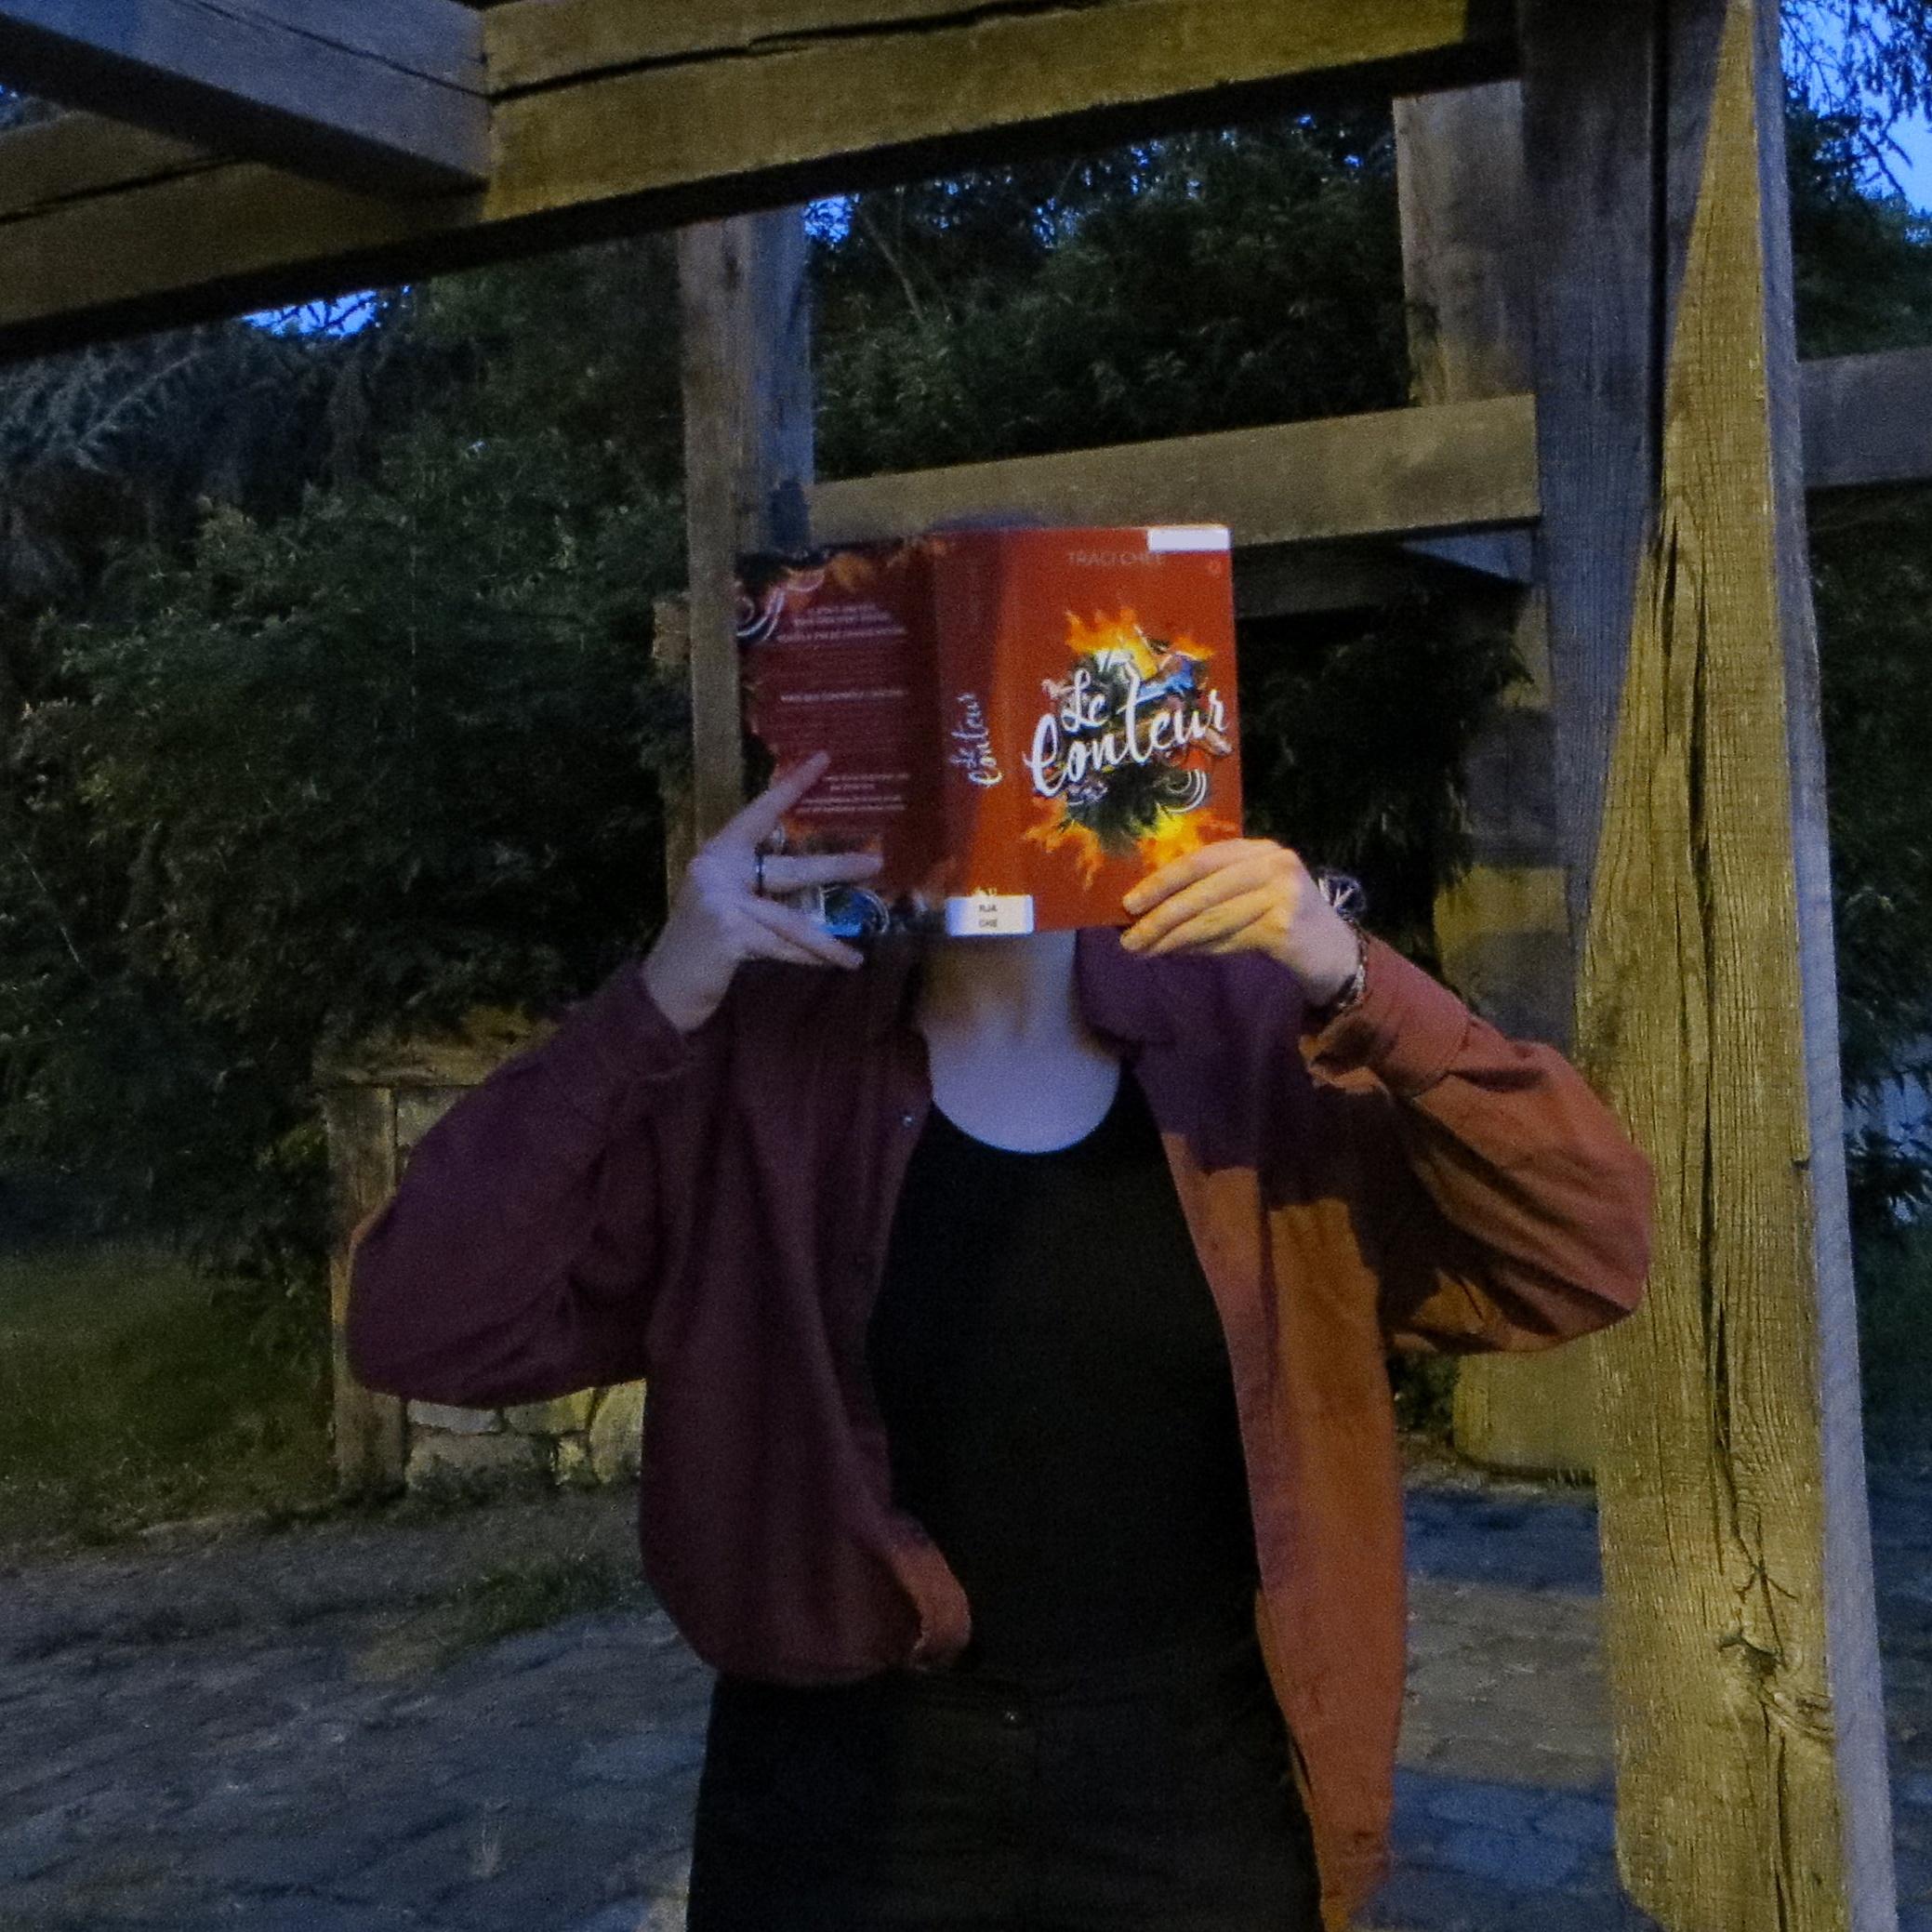 personne en chemise rouge lisant Le conteur de Traci Chee de nuit devant une structure de bois